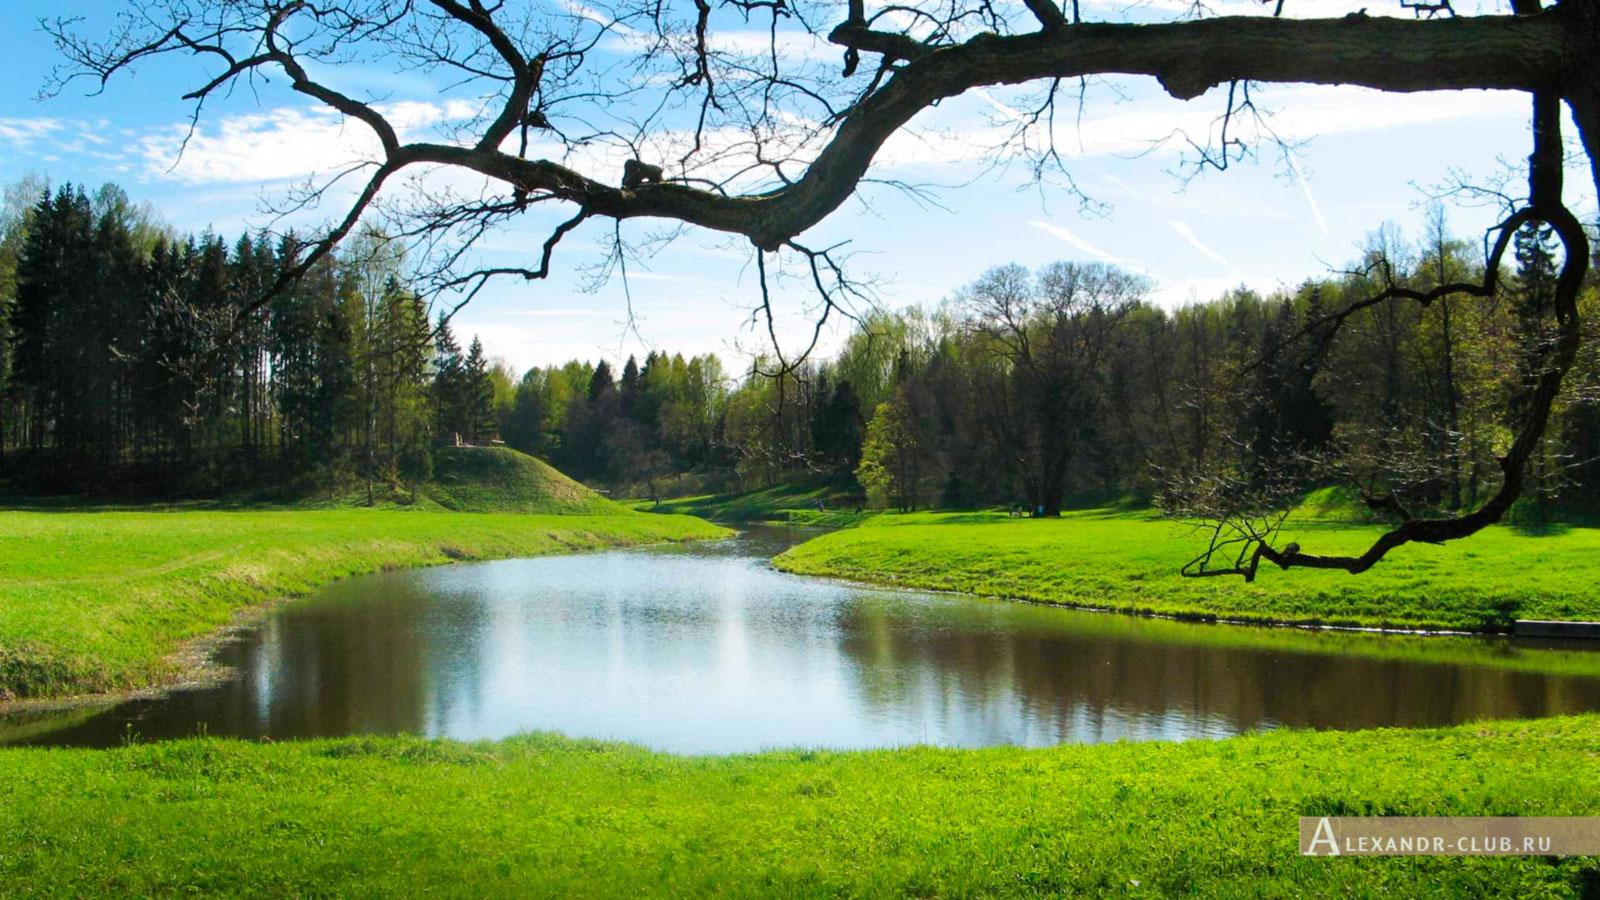 Павловский парк, весна, вид на р. Славянку